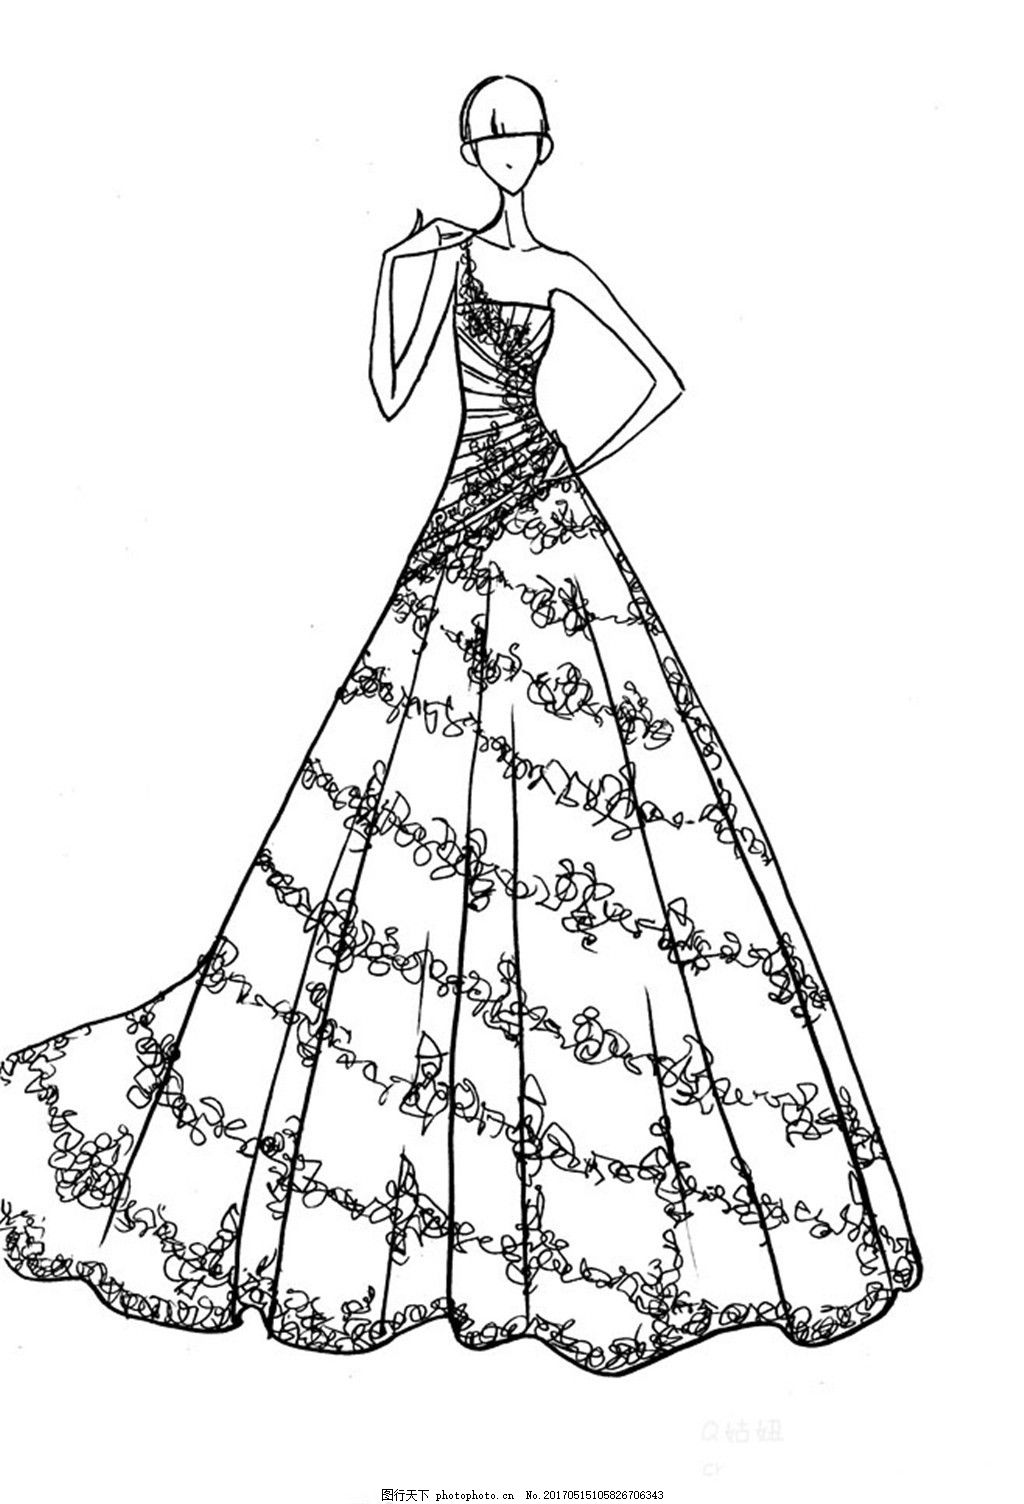 设计图库 现代科技 服装设计  花纹单肩礼服设计图 服装设计 时尚女装